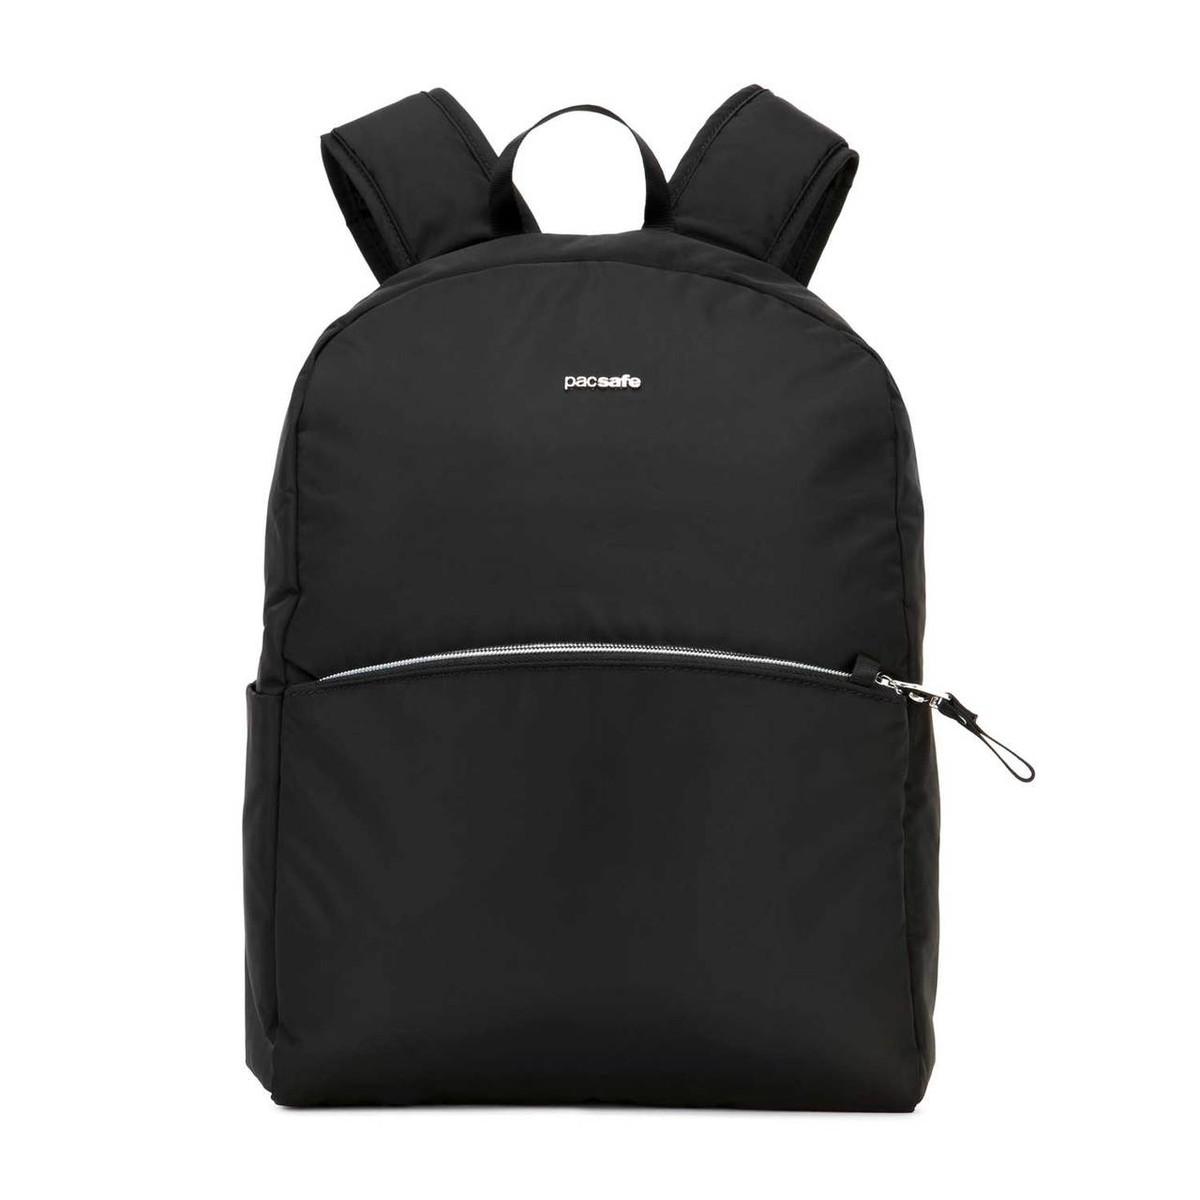 Pacsafe Stylesafe Backpack BLACK